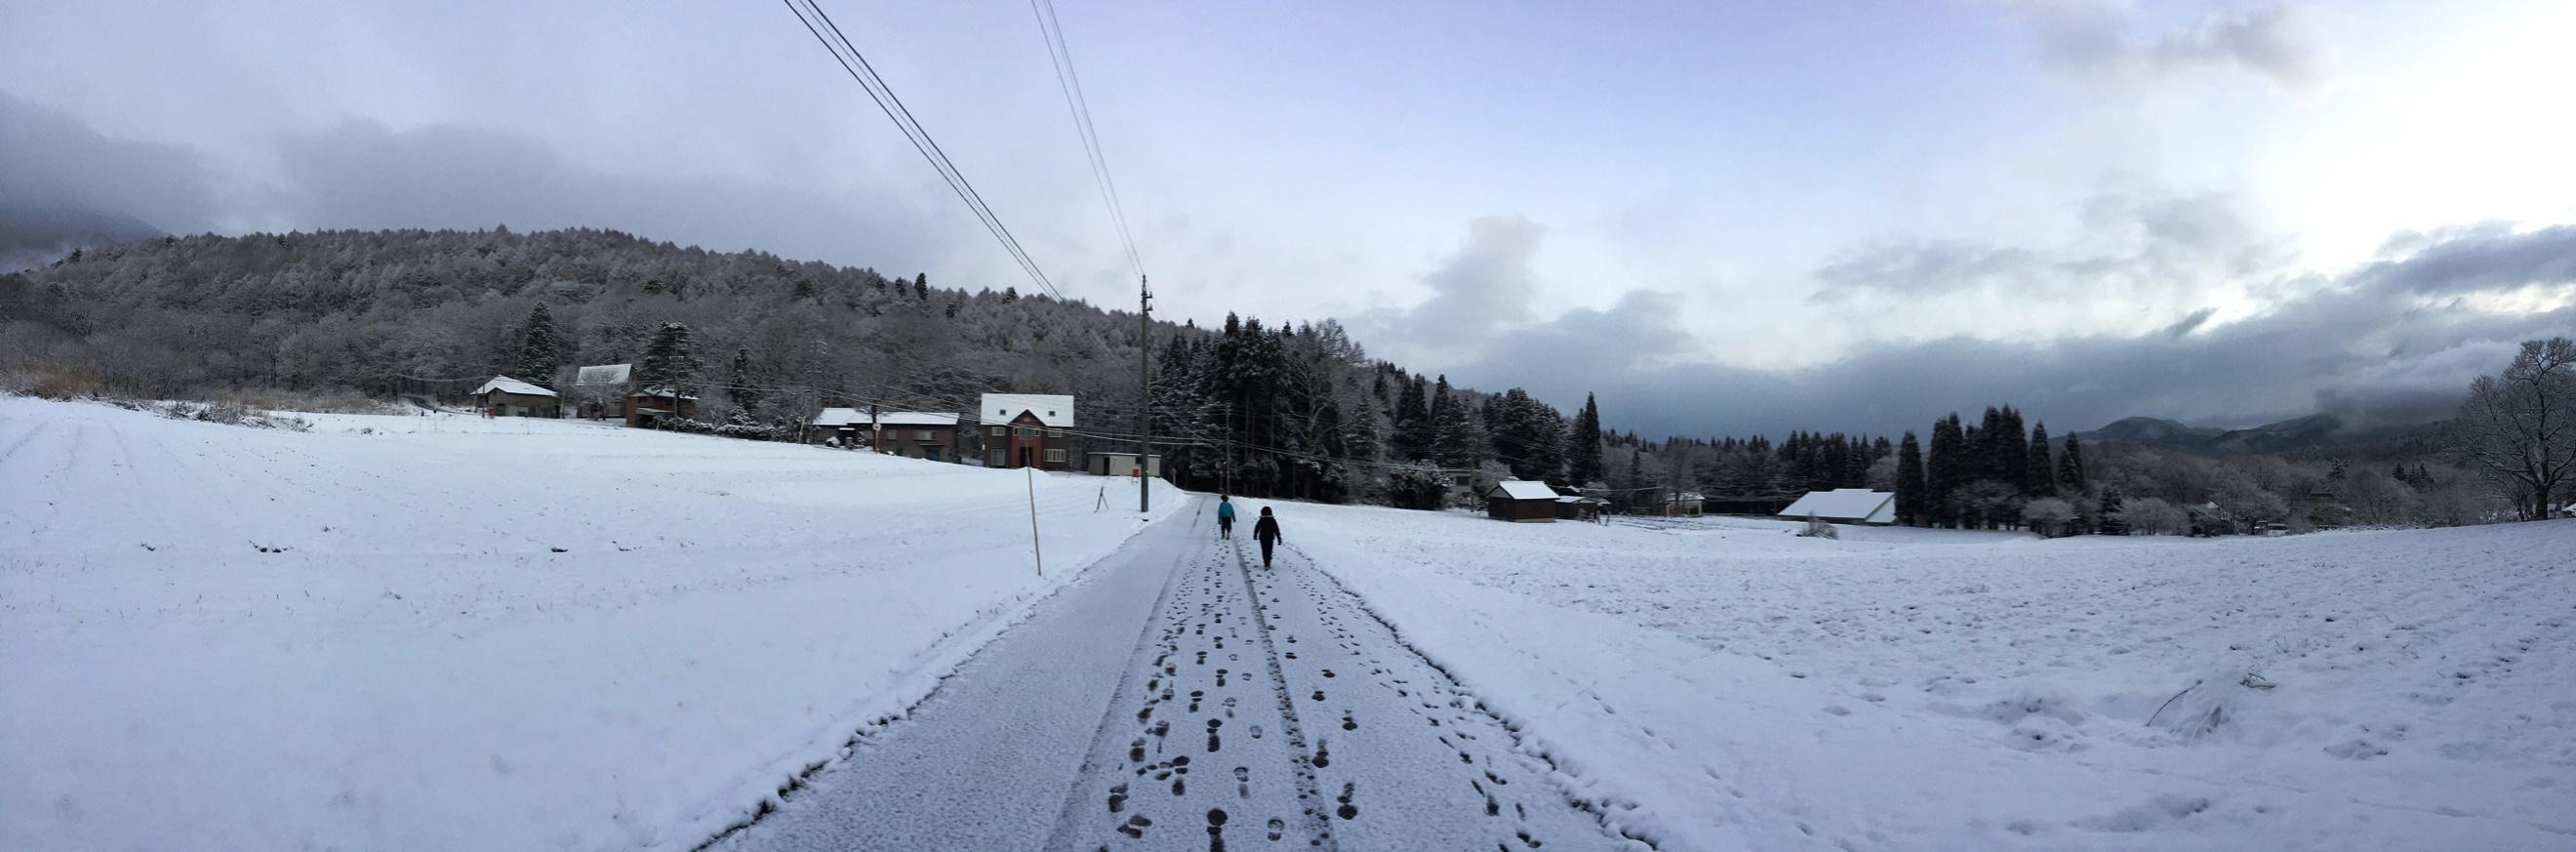 今日の風景20151218~薄っすらと雪が積もりました~